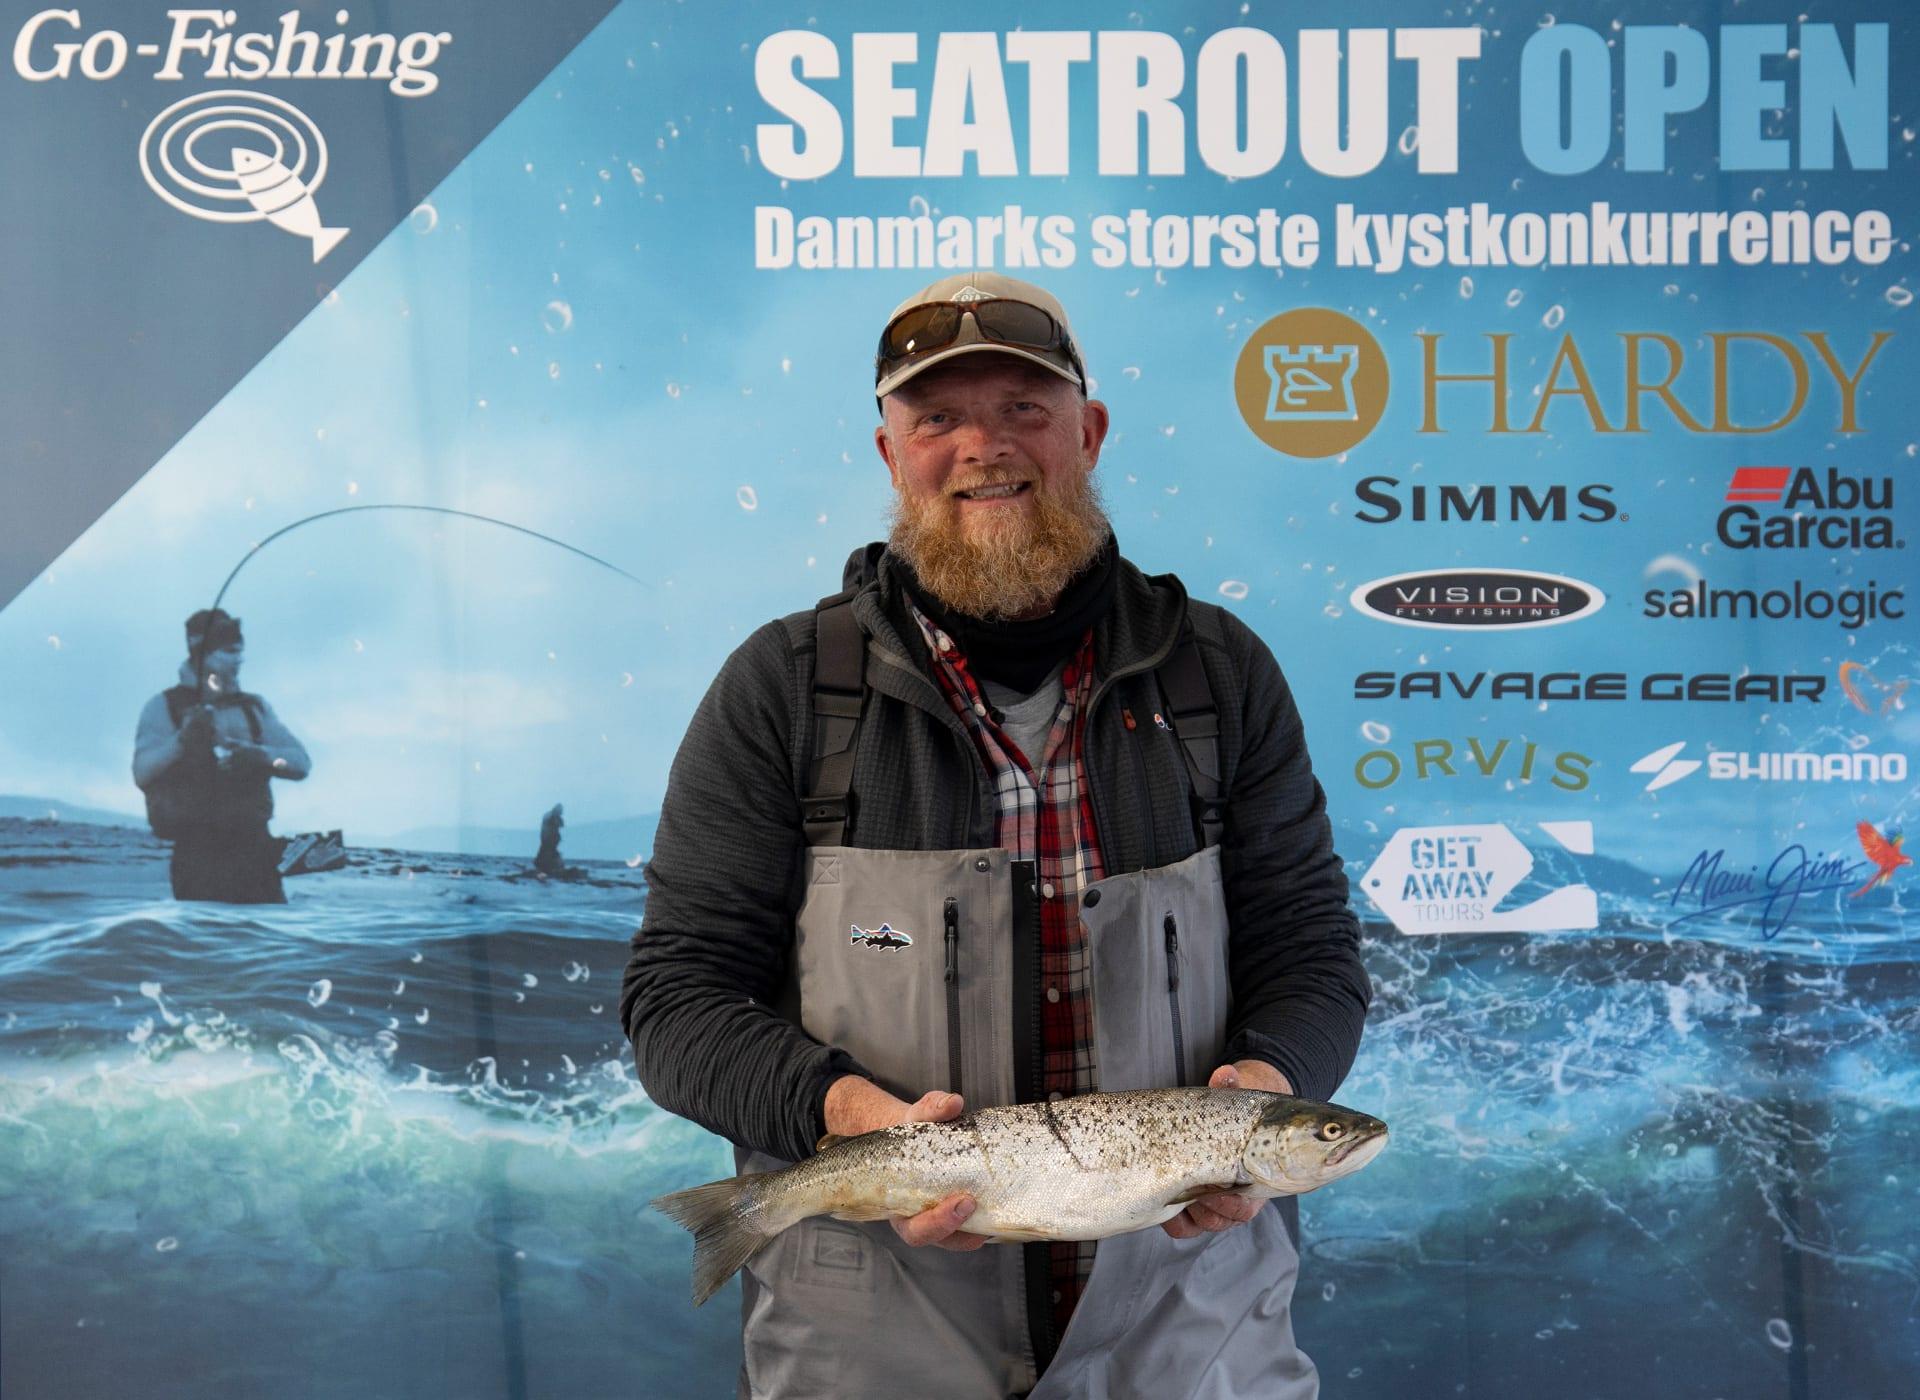 Seatrout Open deltager Søren Høgh